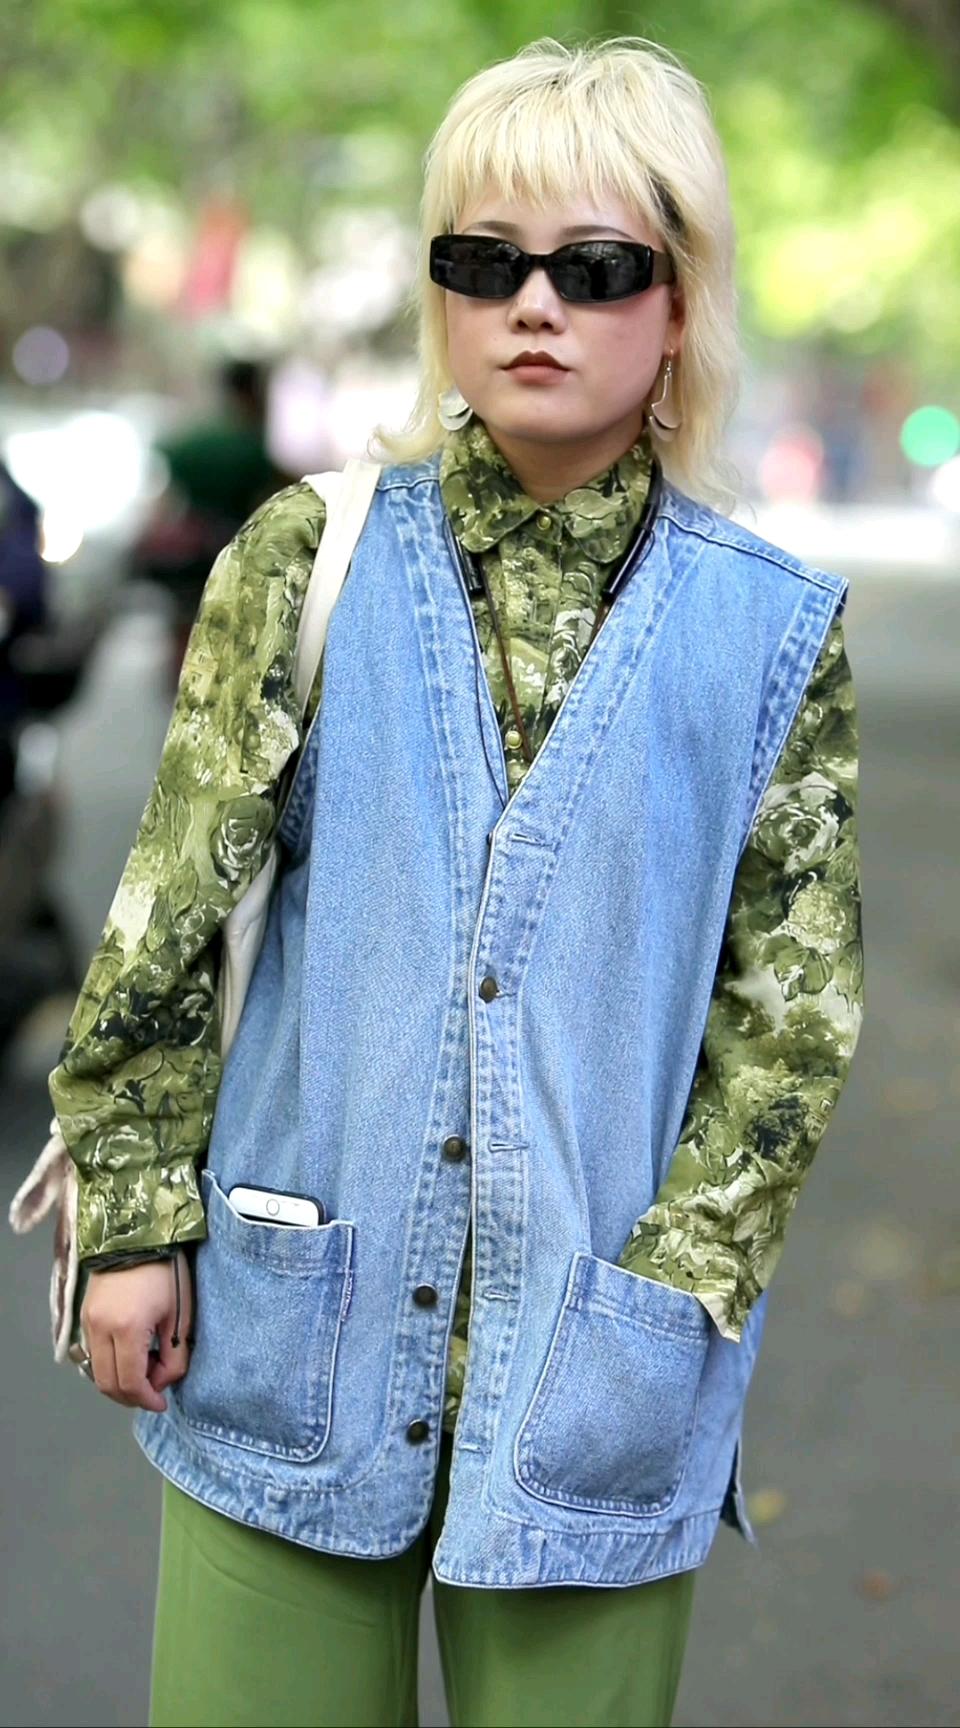 2)上海摄影师小姐姐一身穿搭多少钱?会自己做包包的小姐姐我好羡慕!#街拍# 你们有自己做衣服或者包包的经历萌?